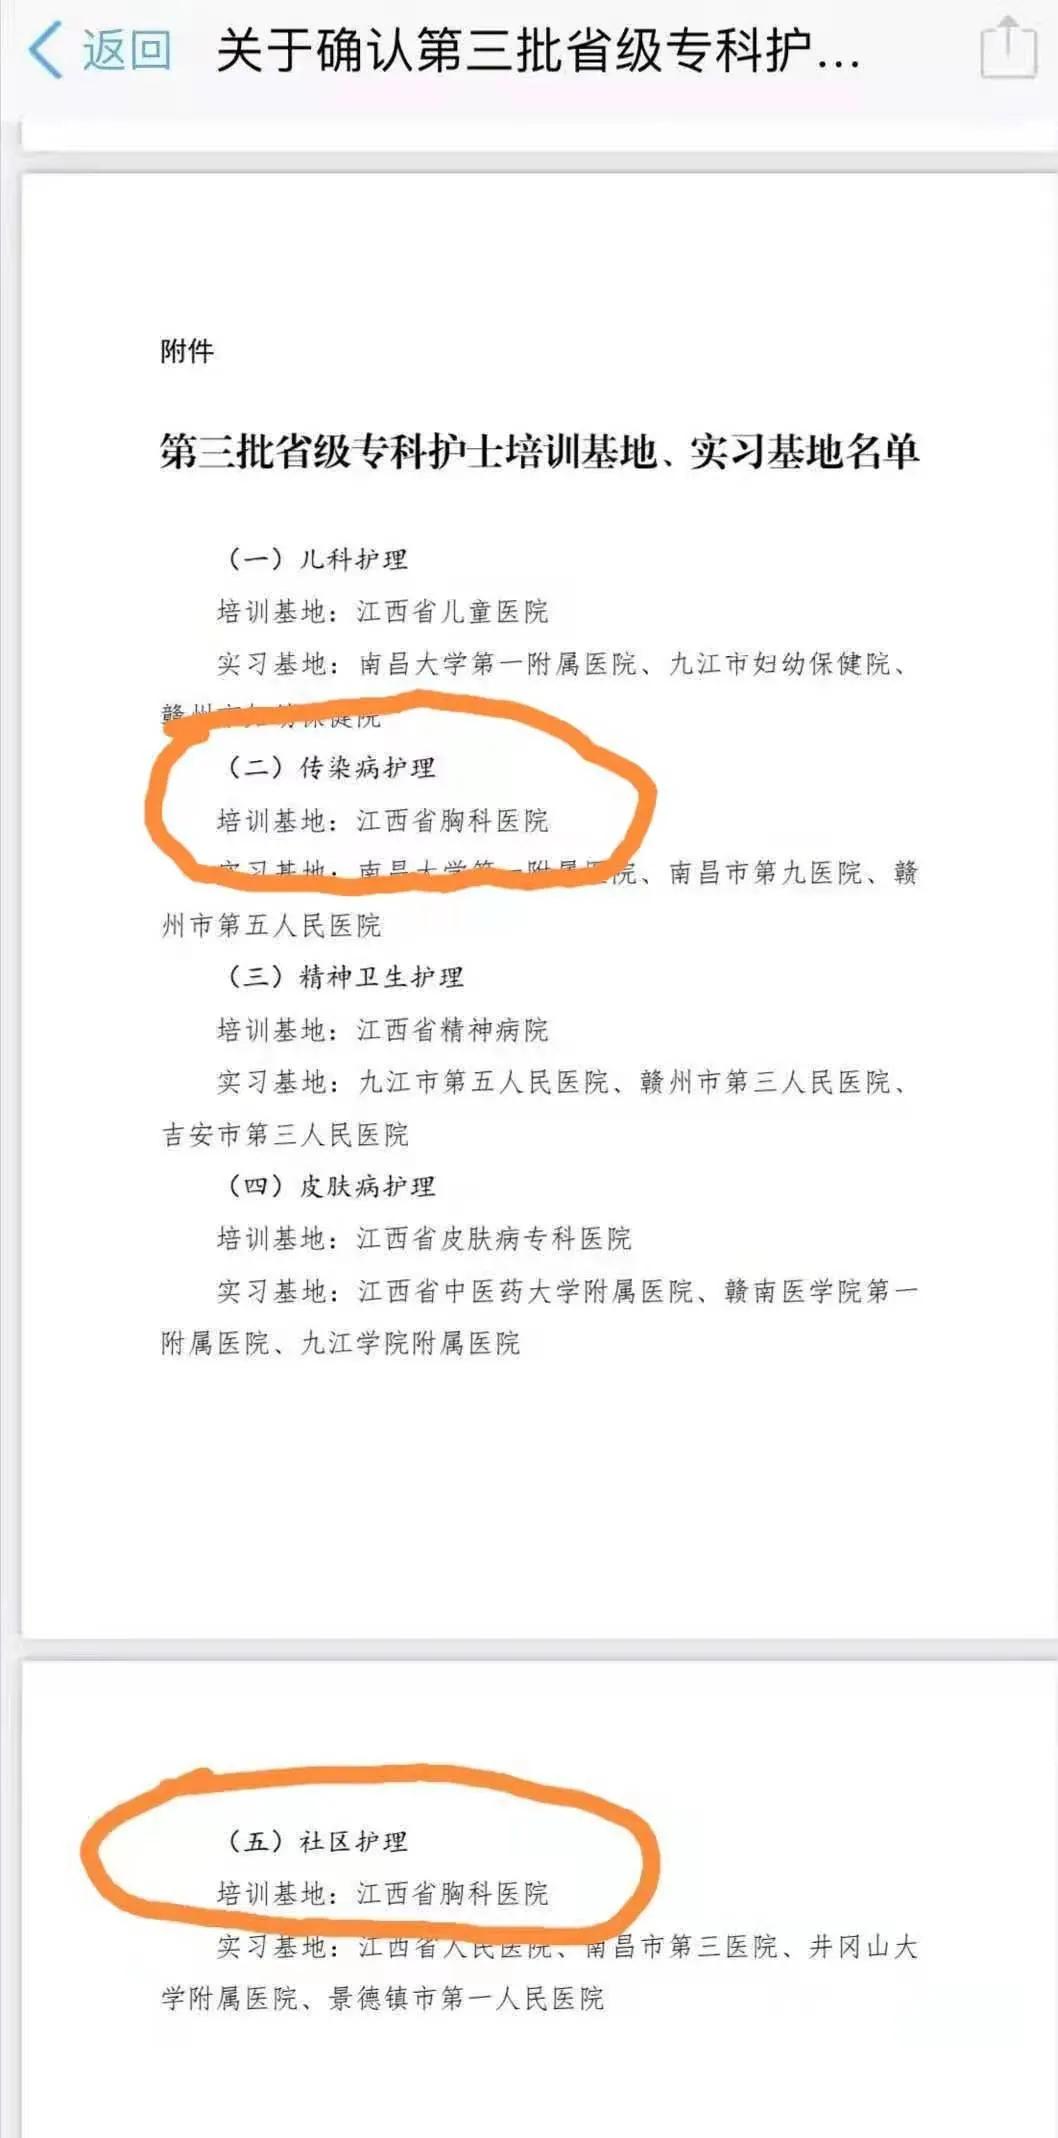 江西省传染病护理培训基地、社区护理培训基地落户我院